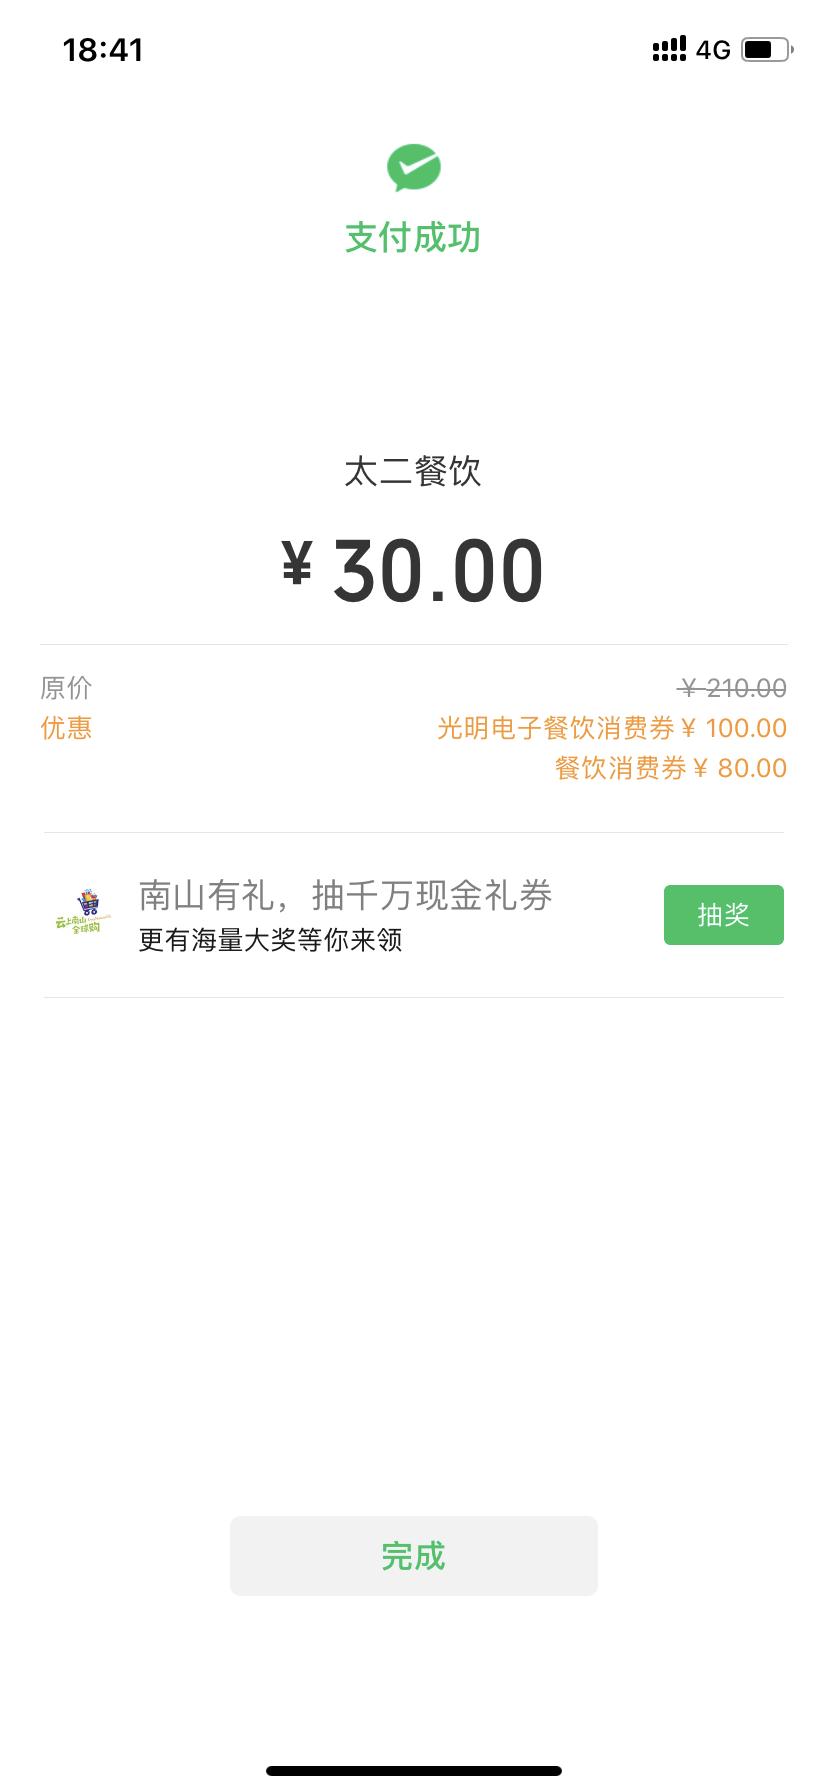 深圳电子消费券很过瘾,多区域能叠加使用